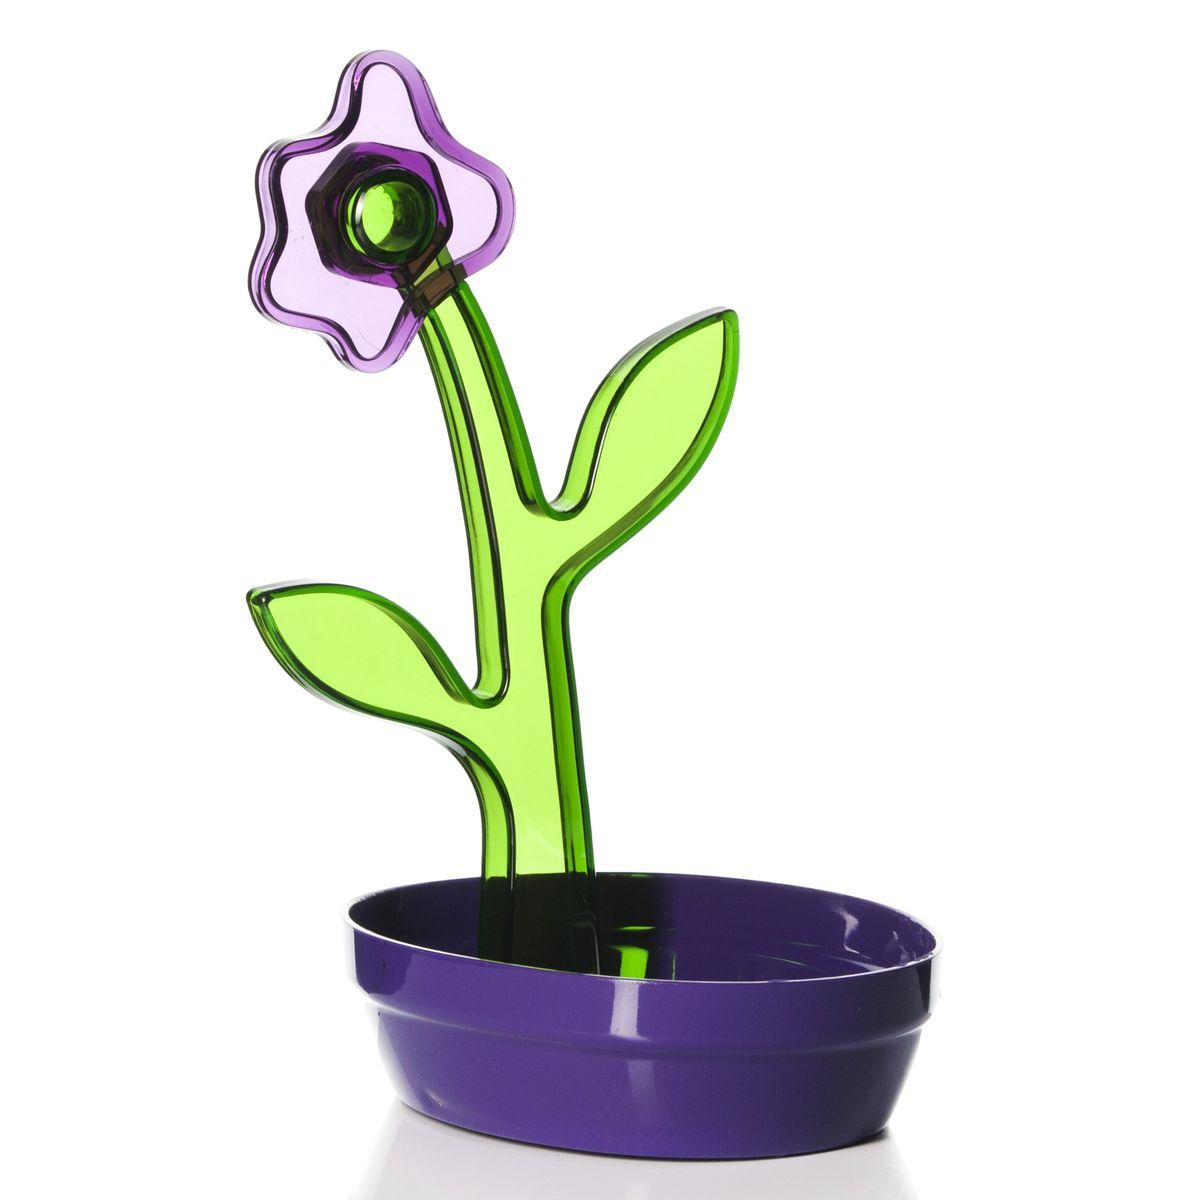 Подставка под ложку Herevin, цвет: фиолетовый161250-000Подставка под ложку Herevin, изготовленная из высококачественного пищевого пластика, декорирована декоративным цветком. Изделие выдерживает высокие температуры, что позволяет использовать его как подставку под кухонные принадлежности, которыми вы готовите, например, половник или лопатку. Подставка защитит поверхность стола от высоких температур и поможет сохранить чистоту на кухне.